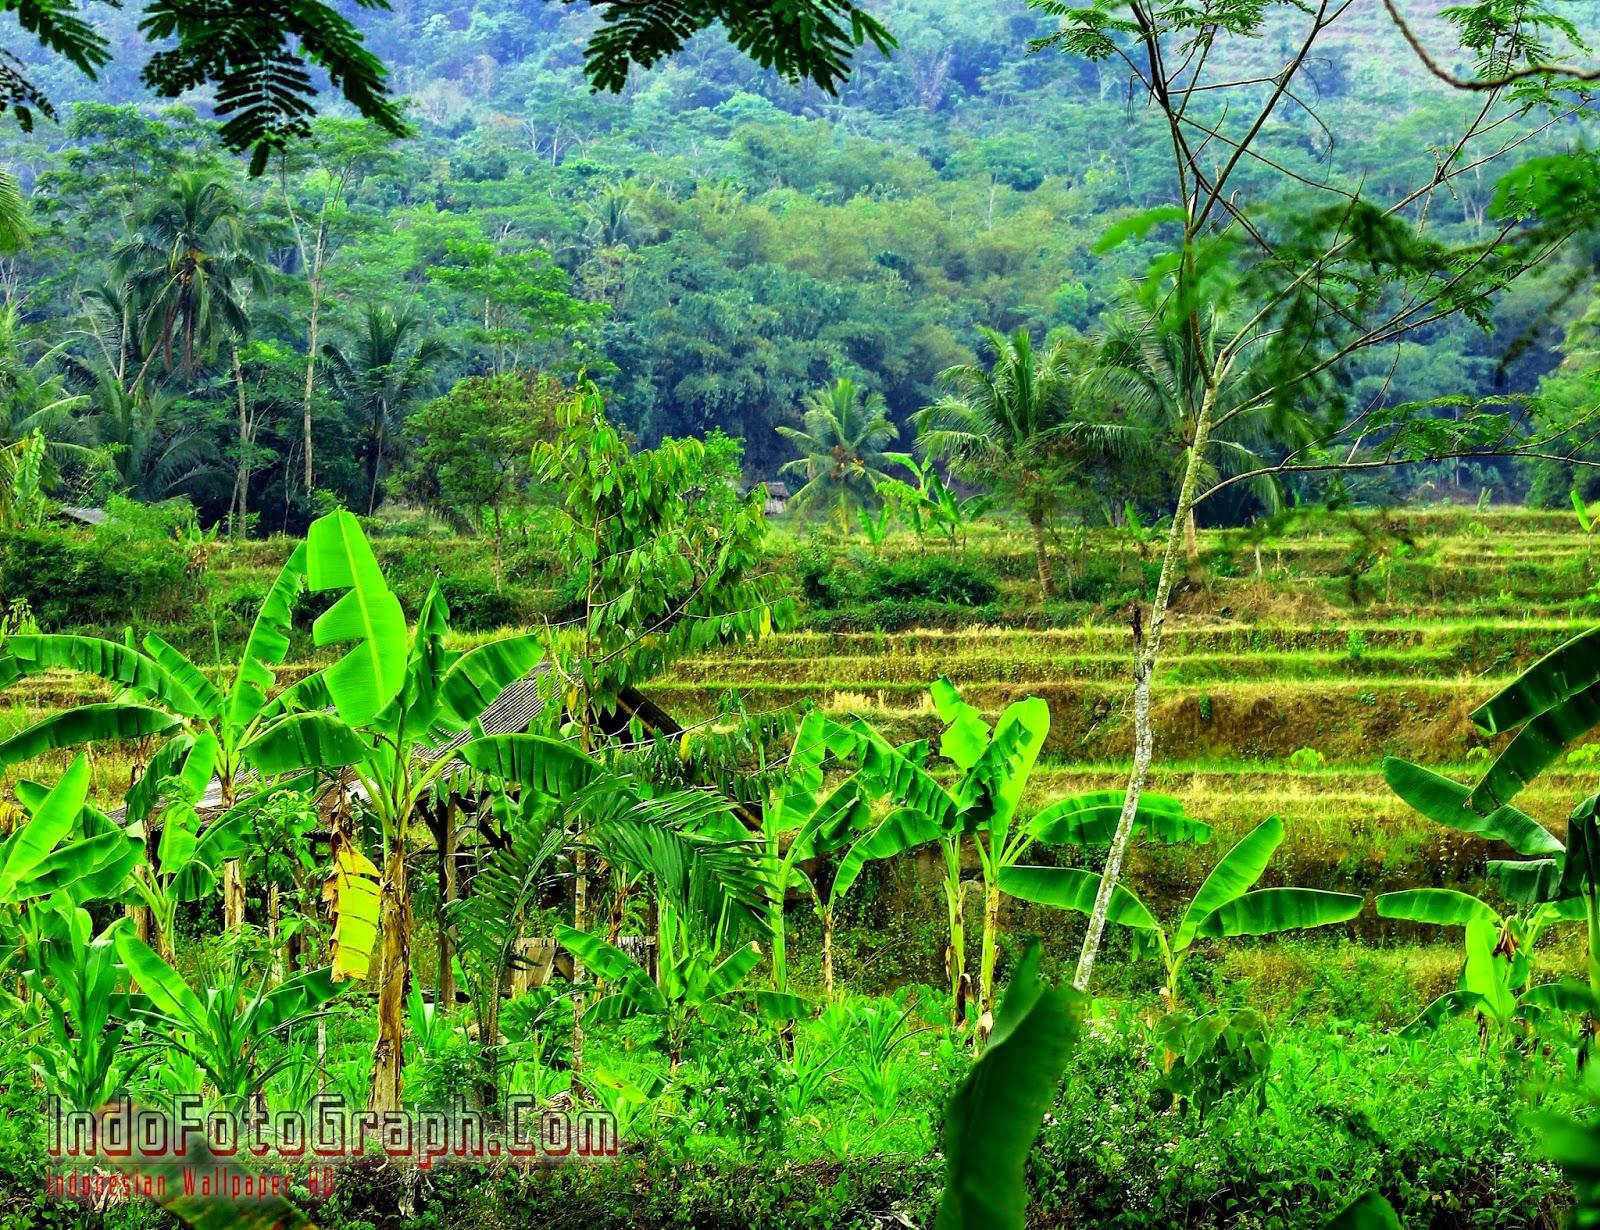 Download 55 Koleksi Wallpaper Pemandangan For Pc Gratis Terbaru